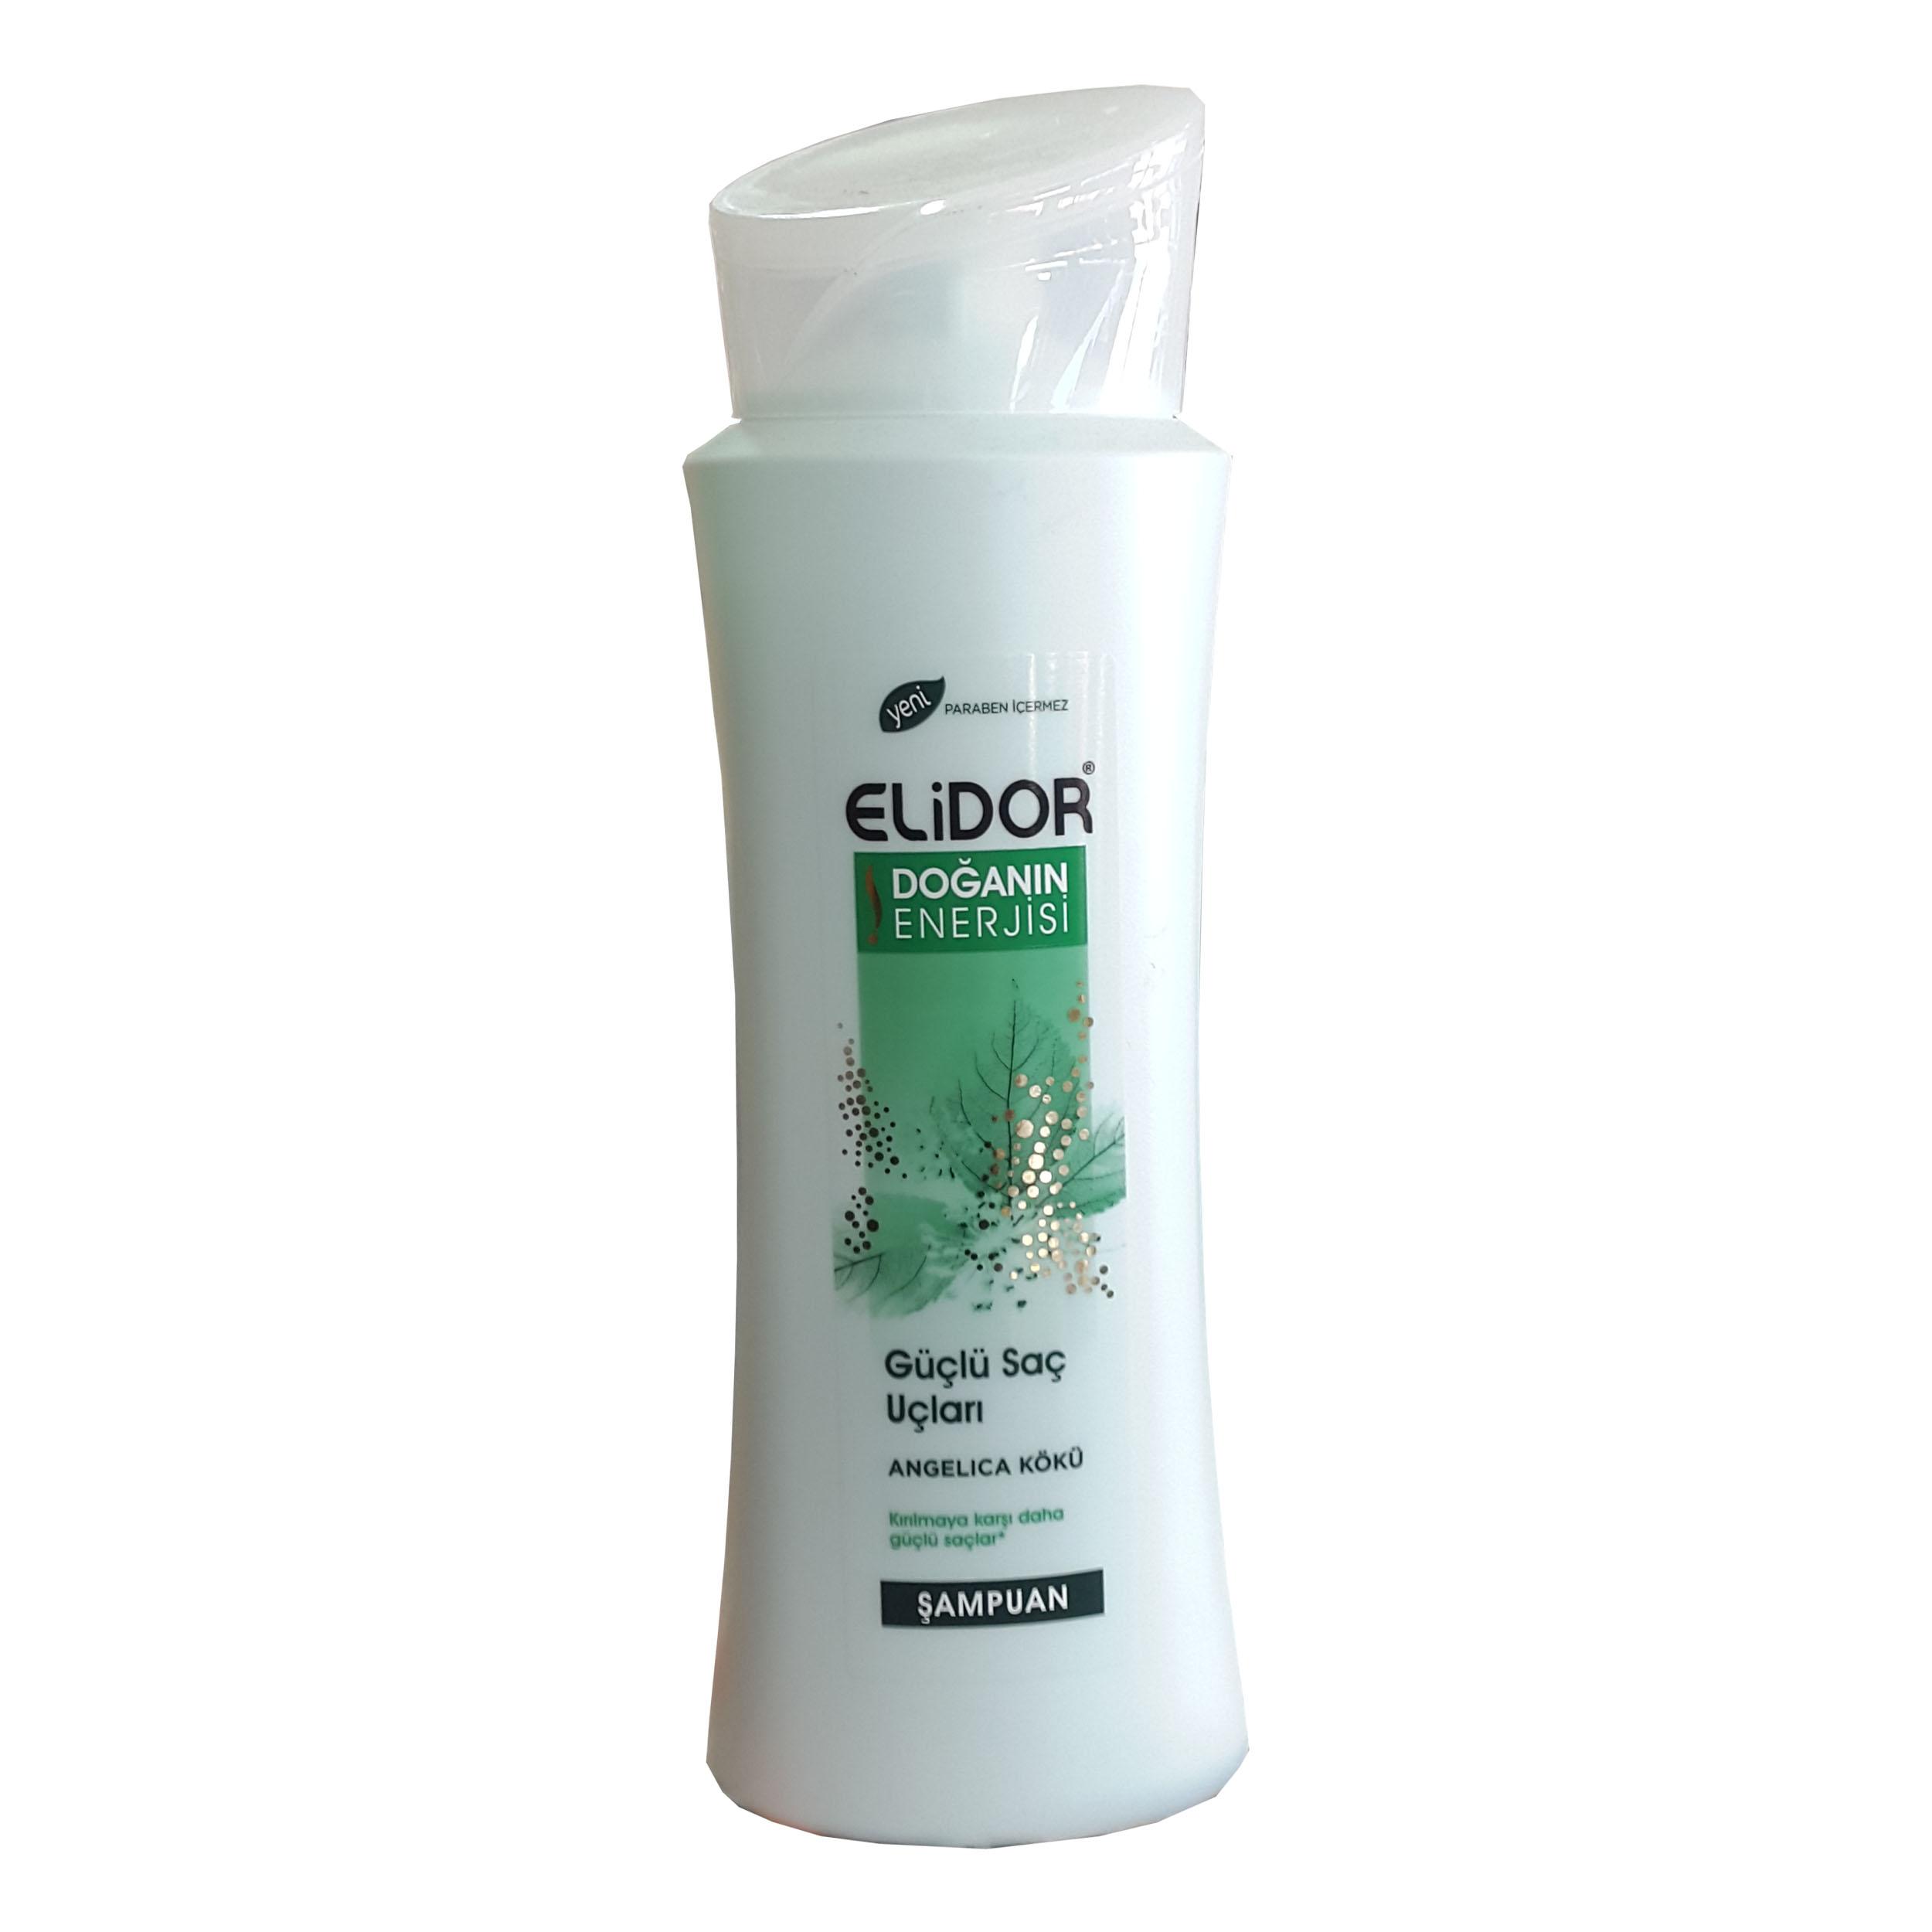 شامپو (Elidor) الیدور سفید ترکیه مخصوص موهای آسیب دیده حجم ۵۵۰ میلی کد ۸۹۸۹۹